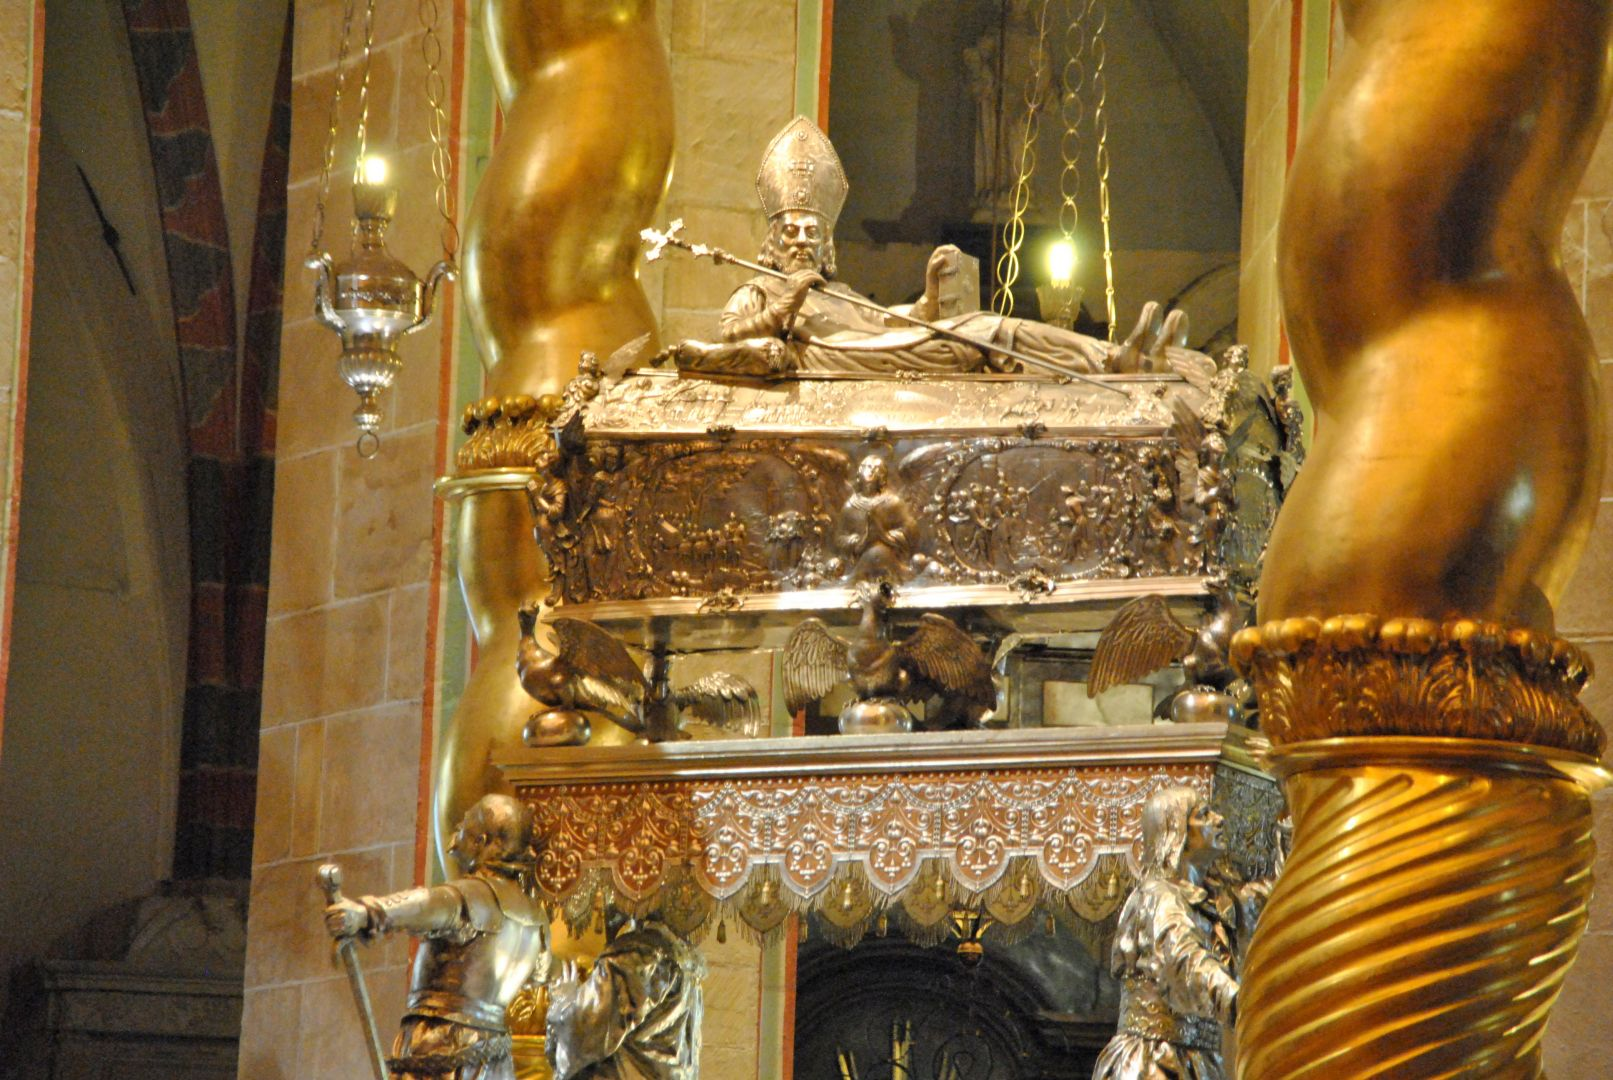 Bazylika prymasowska Wniebowzięcia Najświętszej Maryi Panny